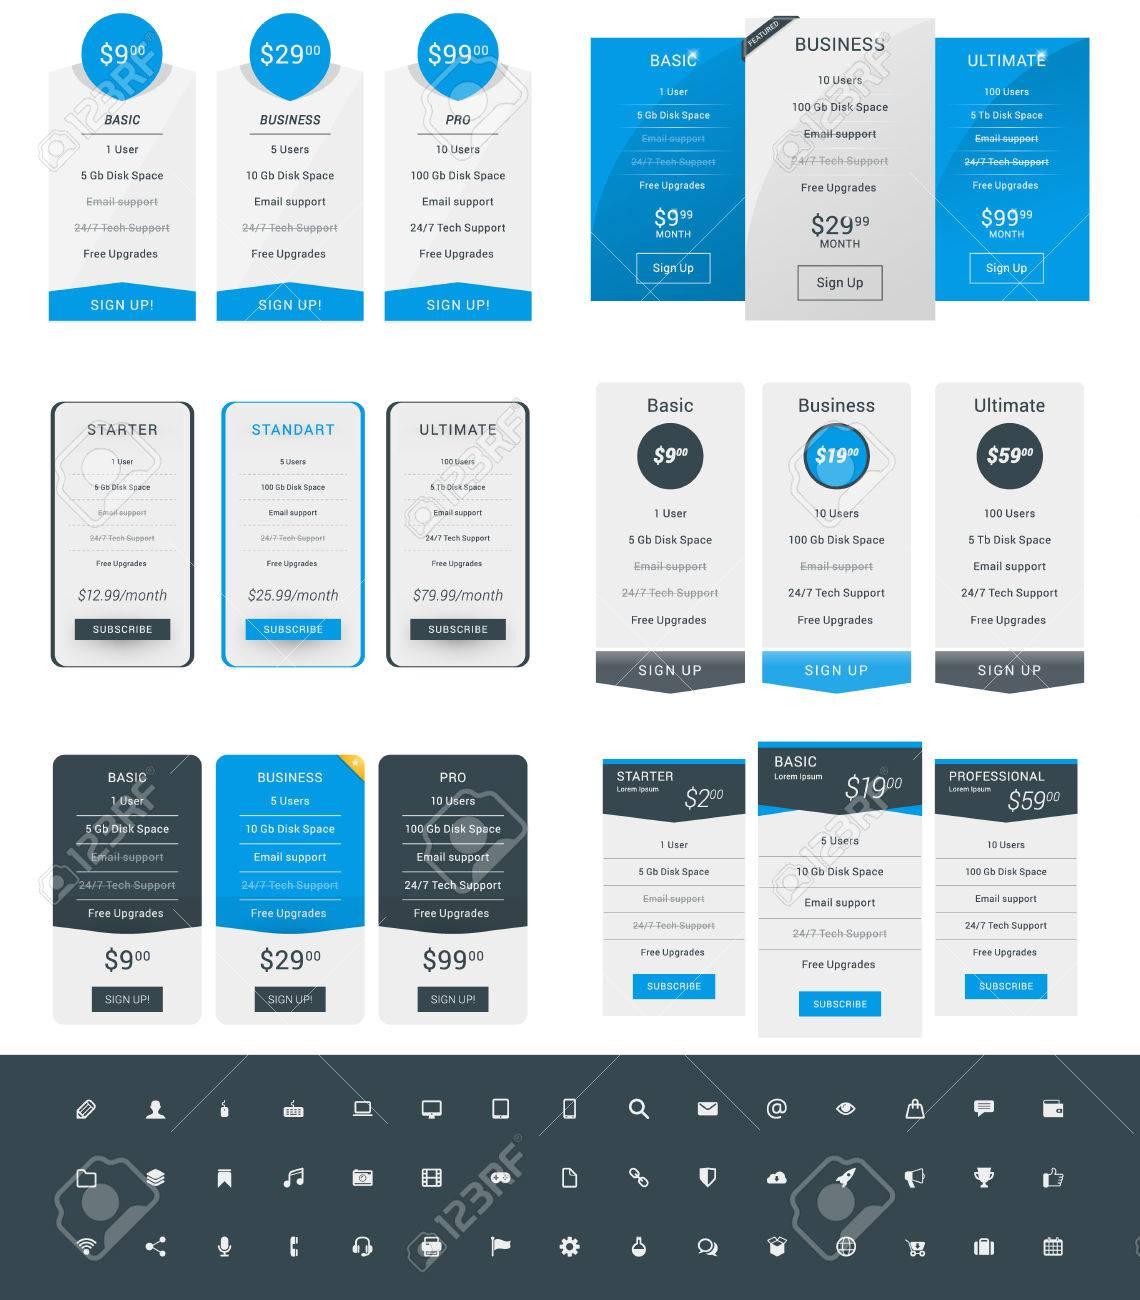 Set Preistabelle Design-Vorlagen Für Webseiten Und Anwendungen ...